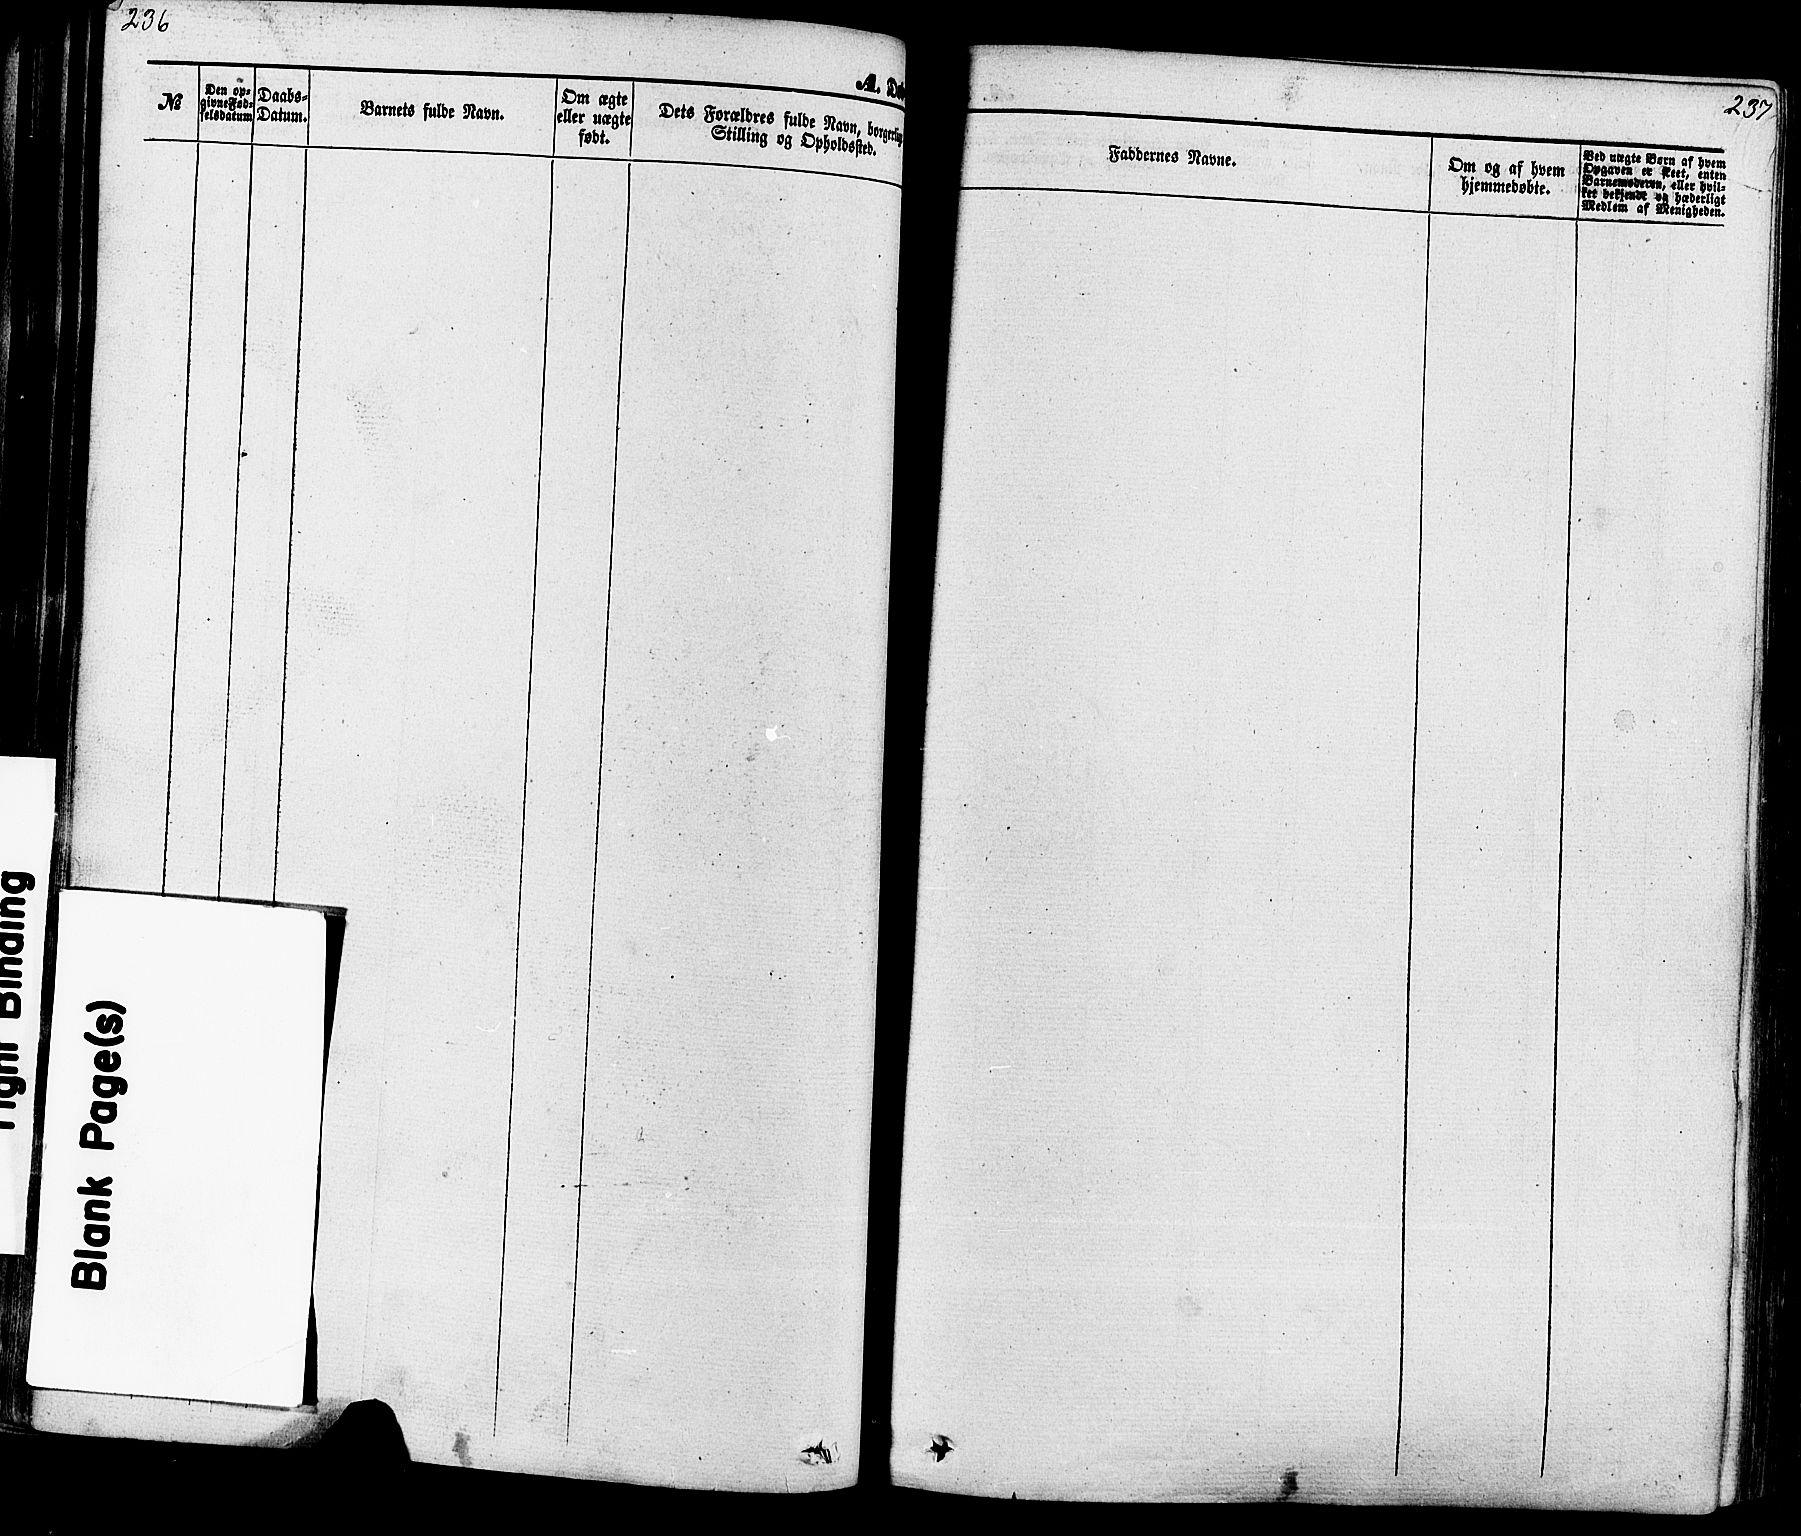 SAKO, Seljord kirkebøker, F/Fa/L0013: Ministerialbok nr. I 13, 1866-1876, s. 236-237